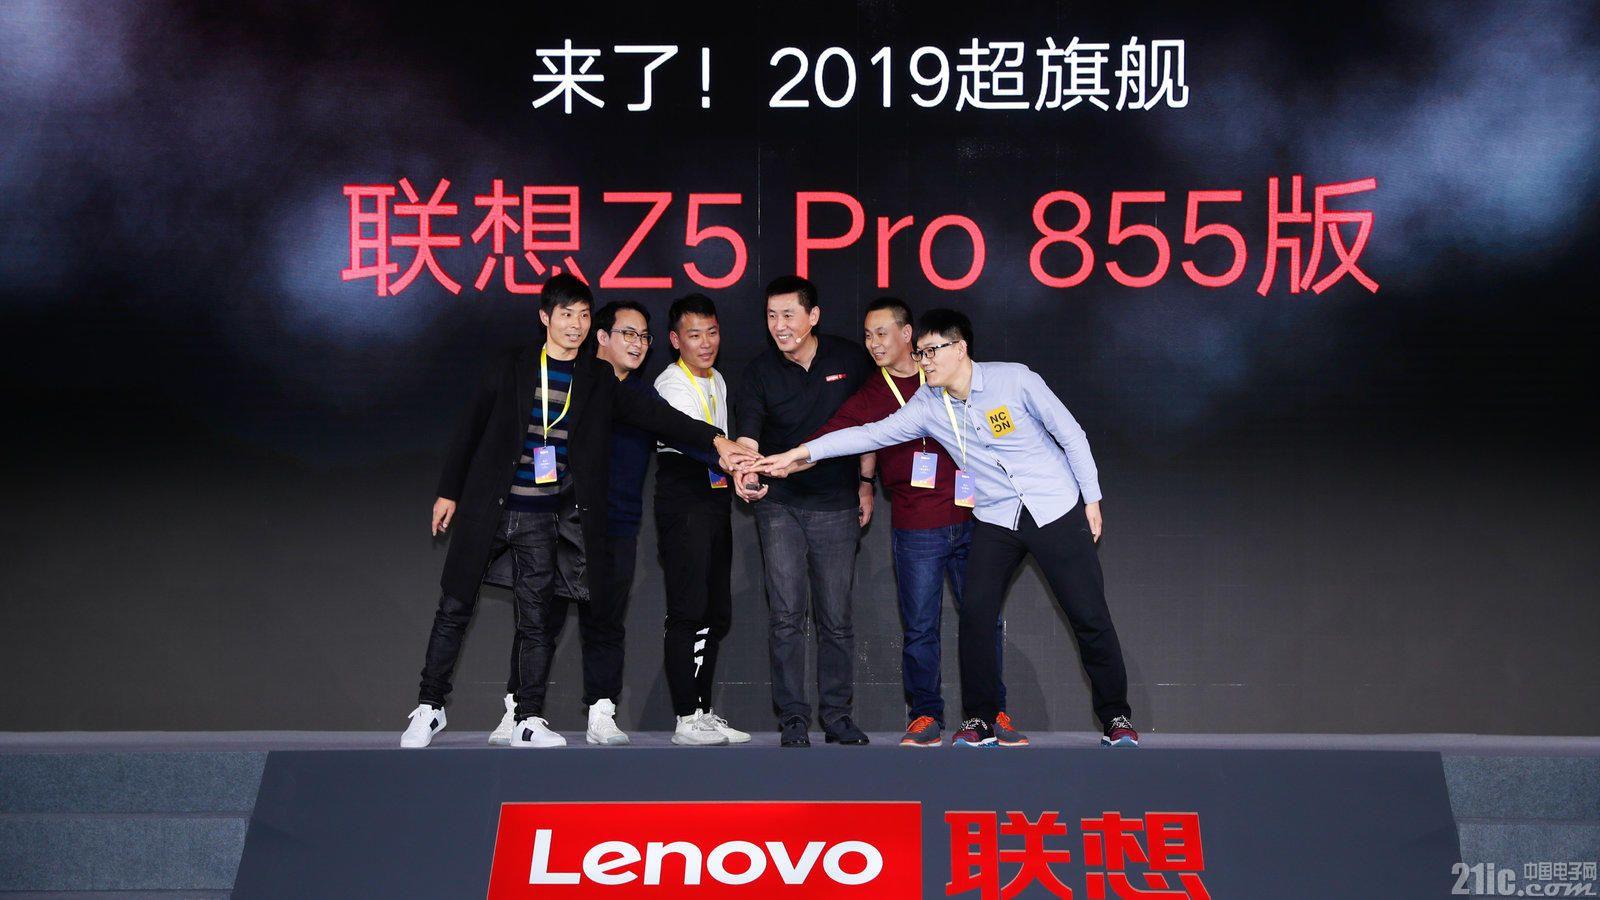 网友问为何联想Z5 Pro GT骁龙855版手机延迟?常程竟这样回应